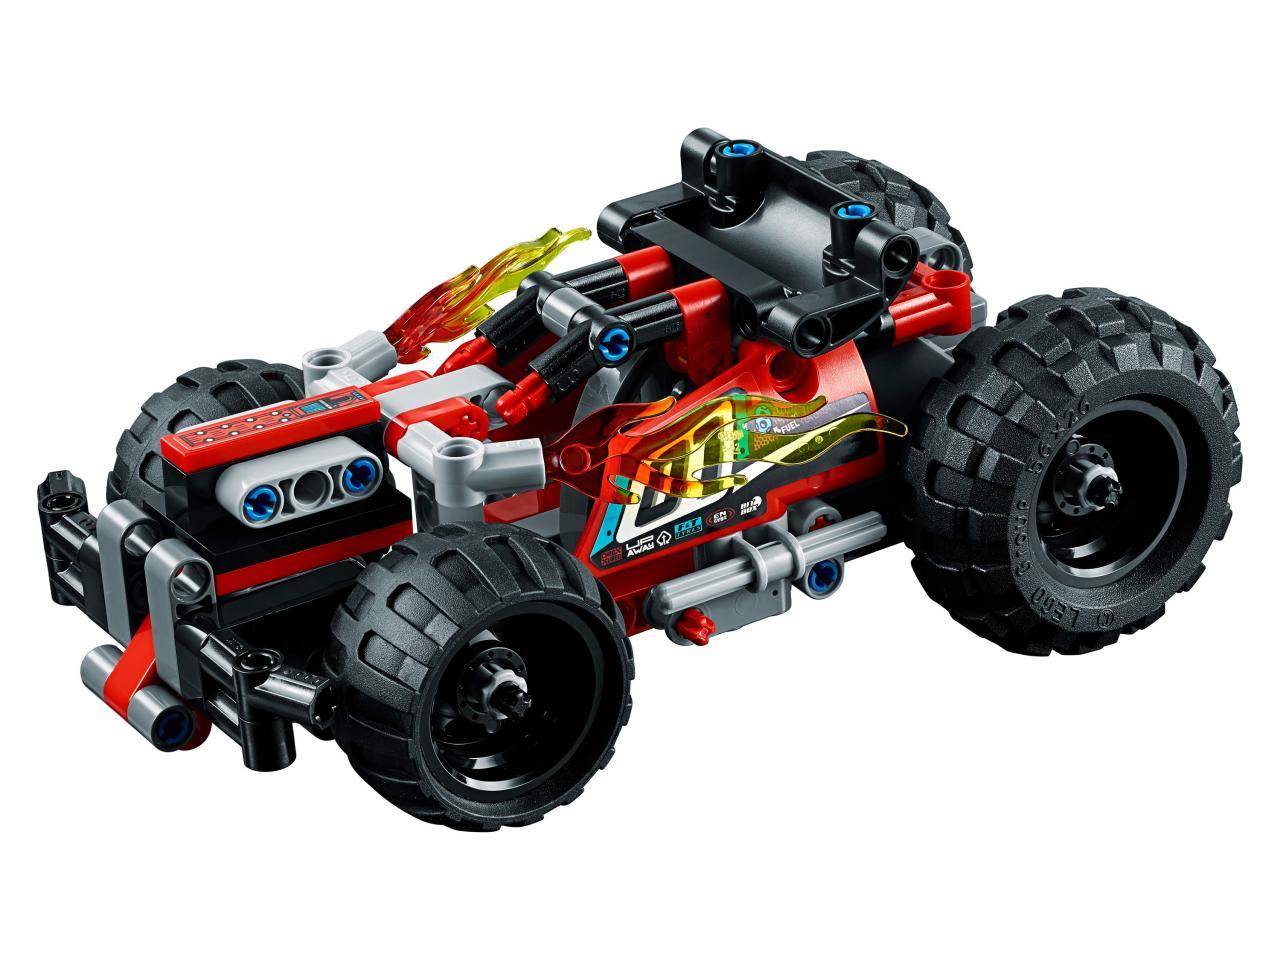 Купить Конструктор LEGO 42073 Technic Красный гоночный автомобиль, пластик, Для мальчиков и девочек, Китай, Конструкторы